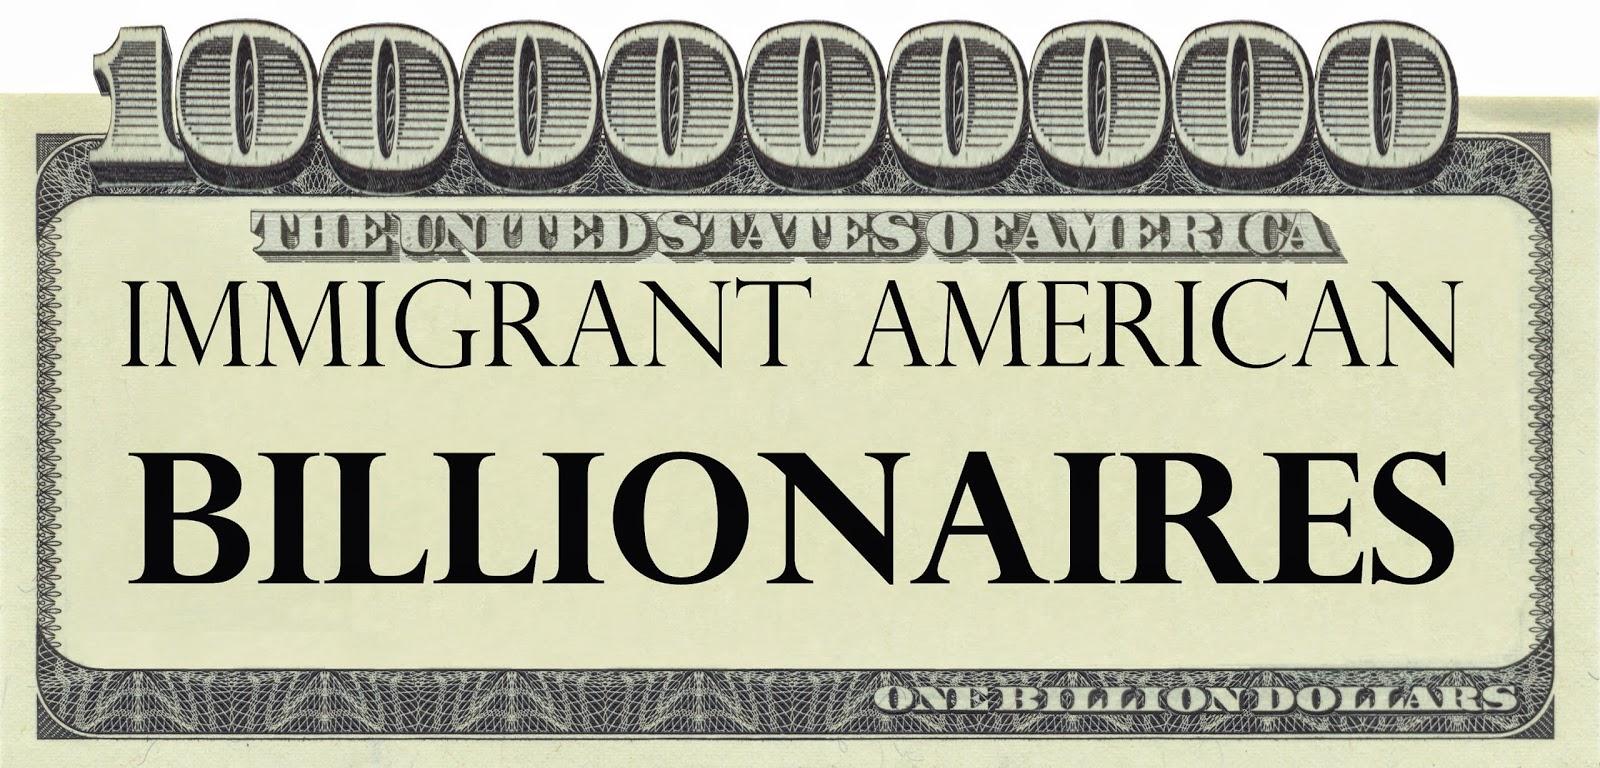 Immigrant American Billionaires